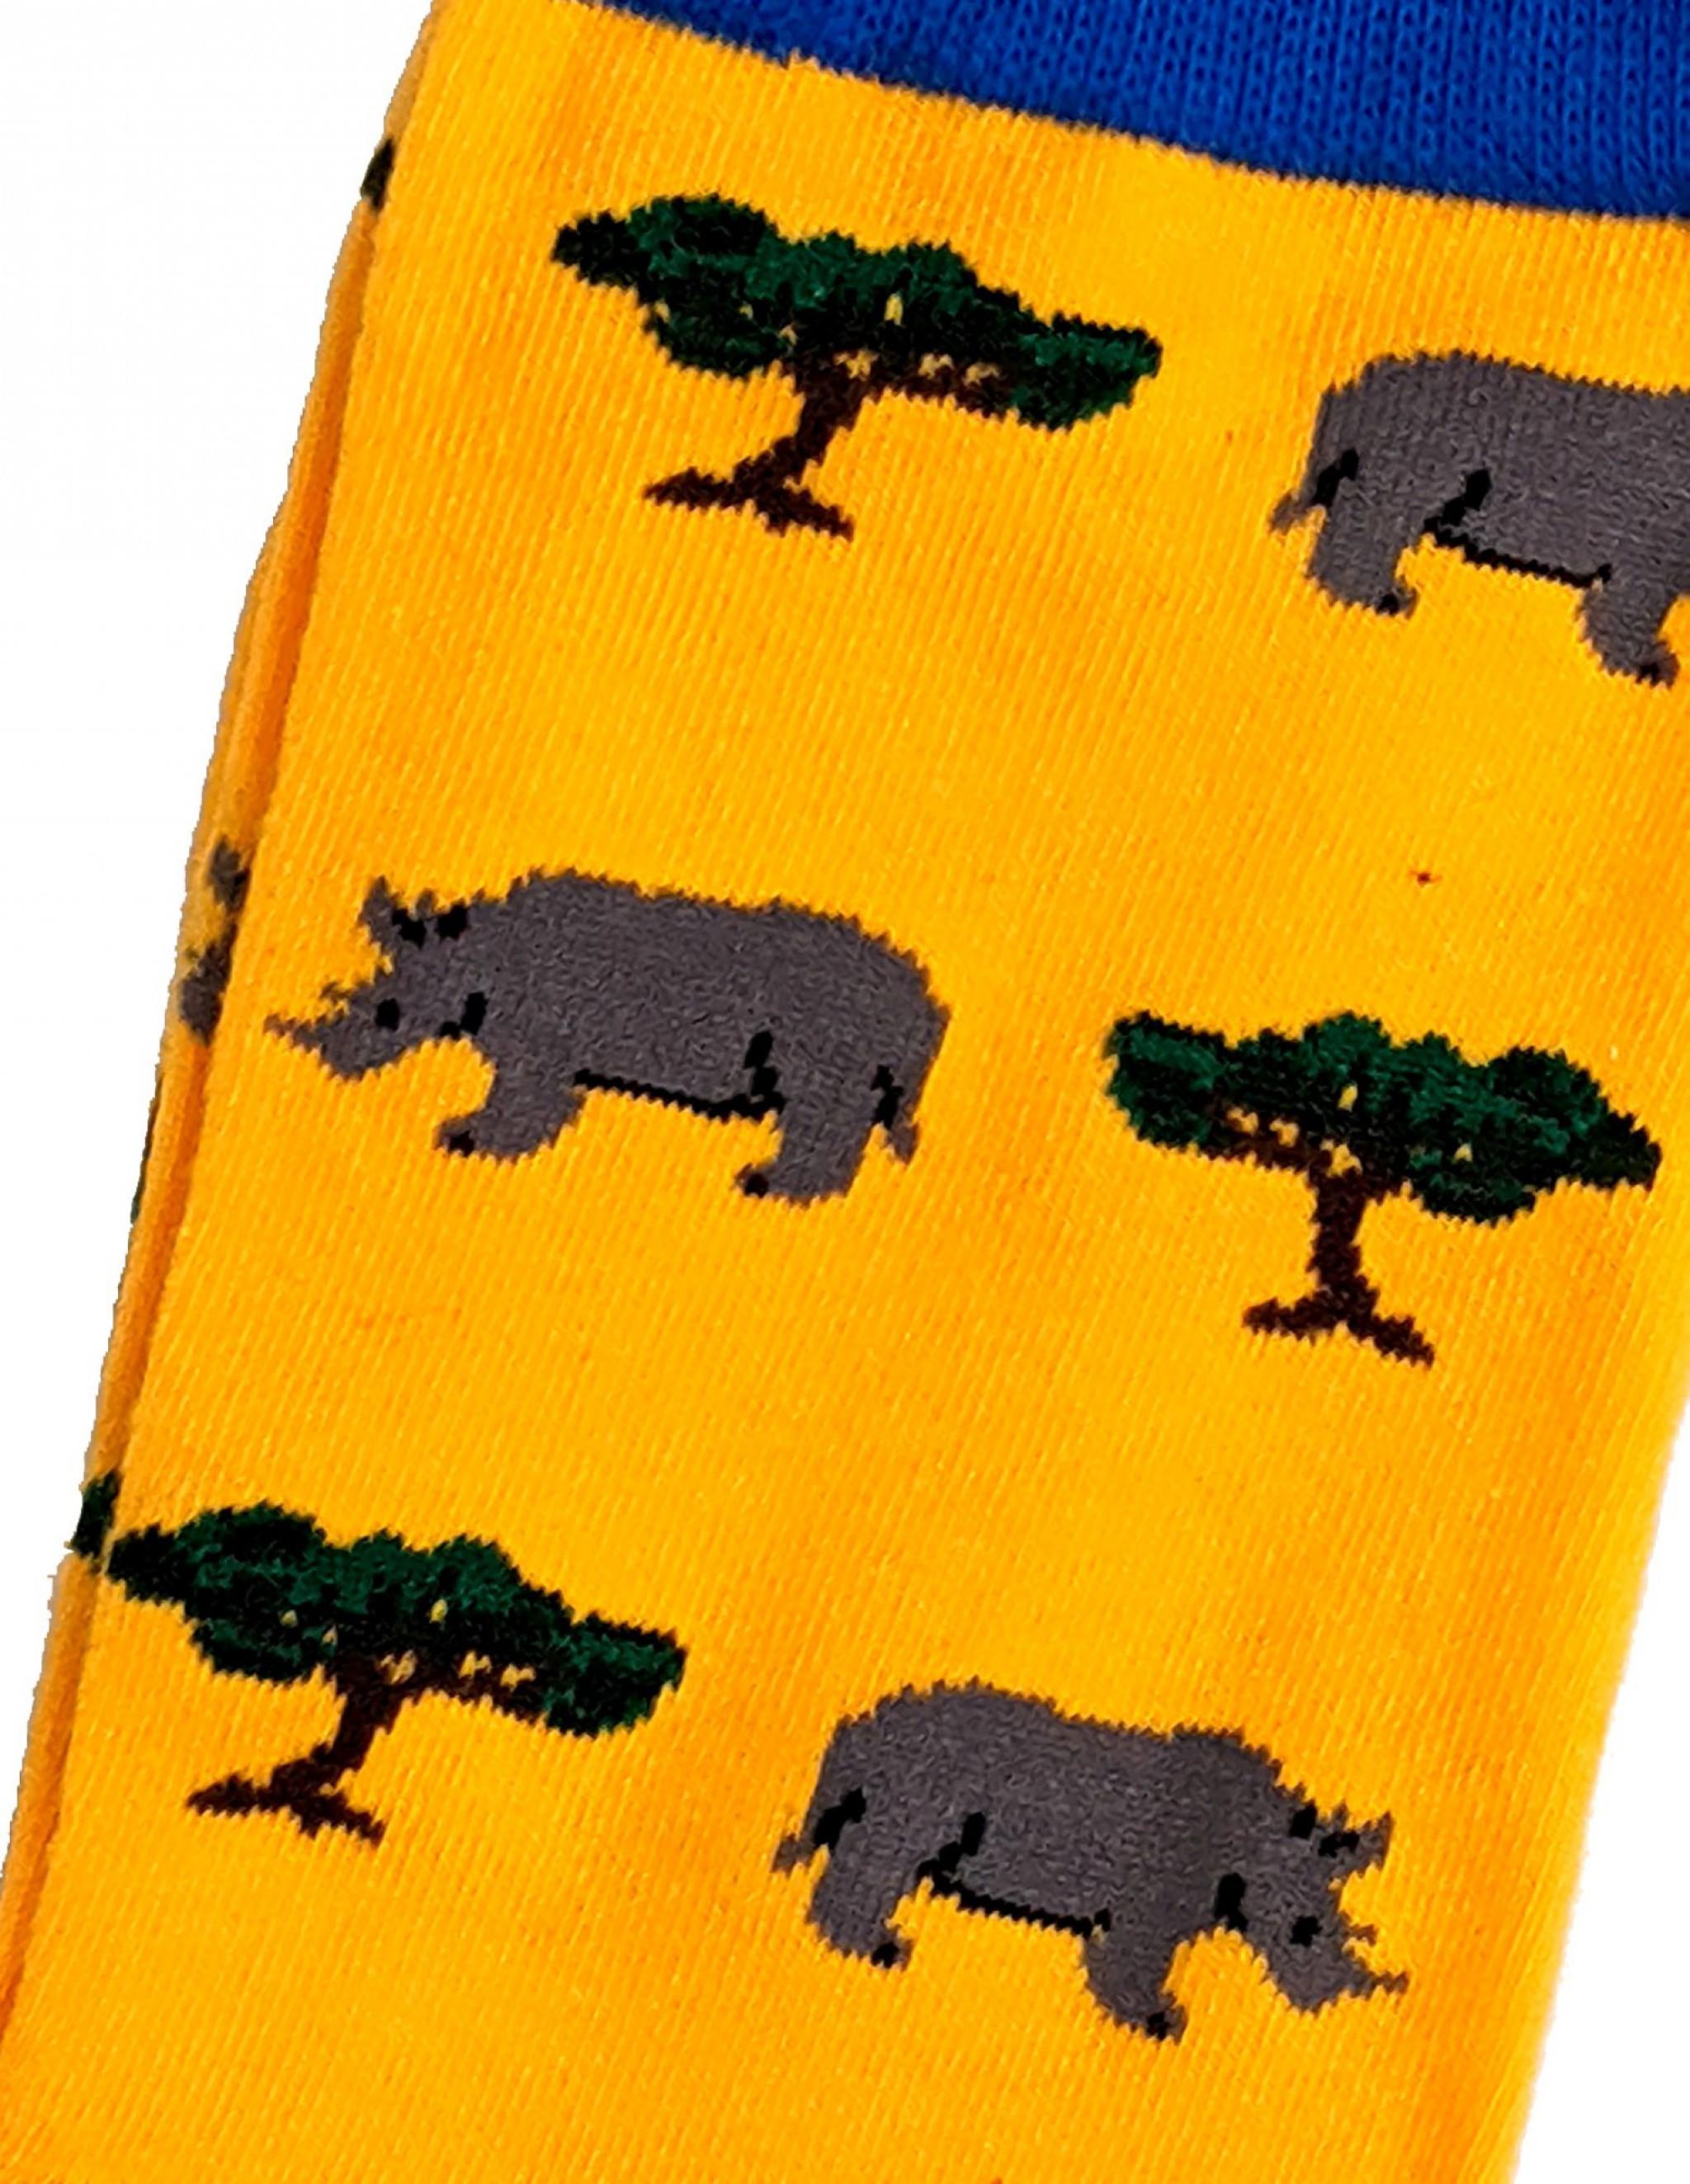 Homme Crash of Rhinos Rhinocéros Jaune Bleu Chaussettes 6-8.5 UK//39-42 EUR//7-10 US